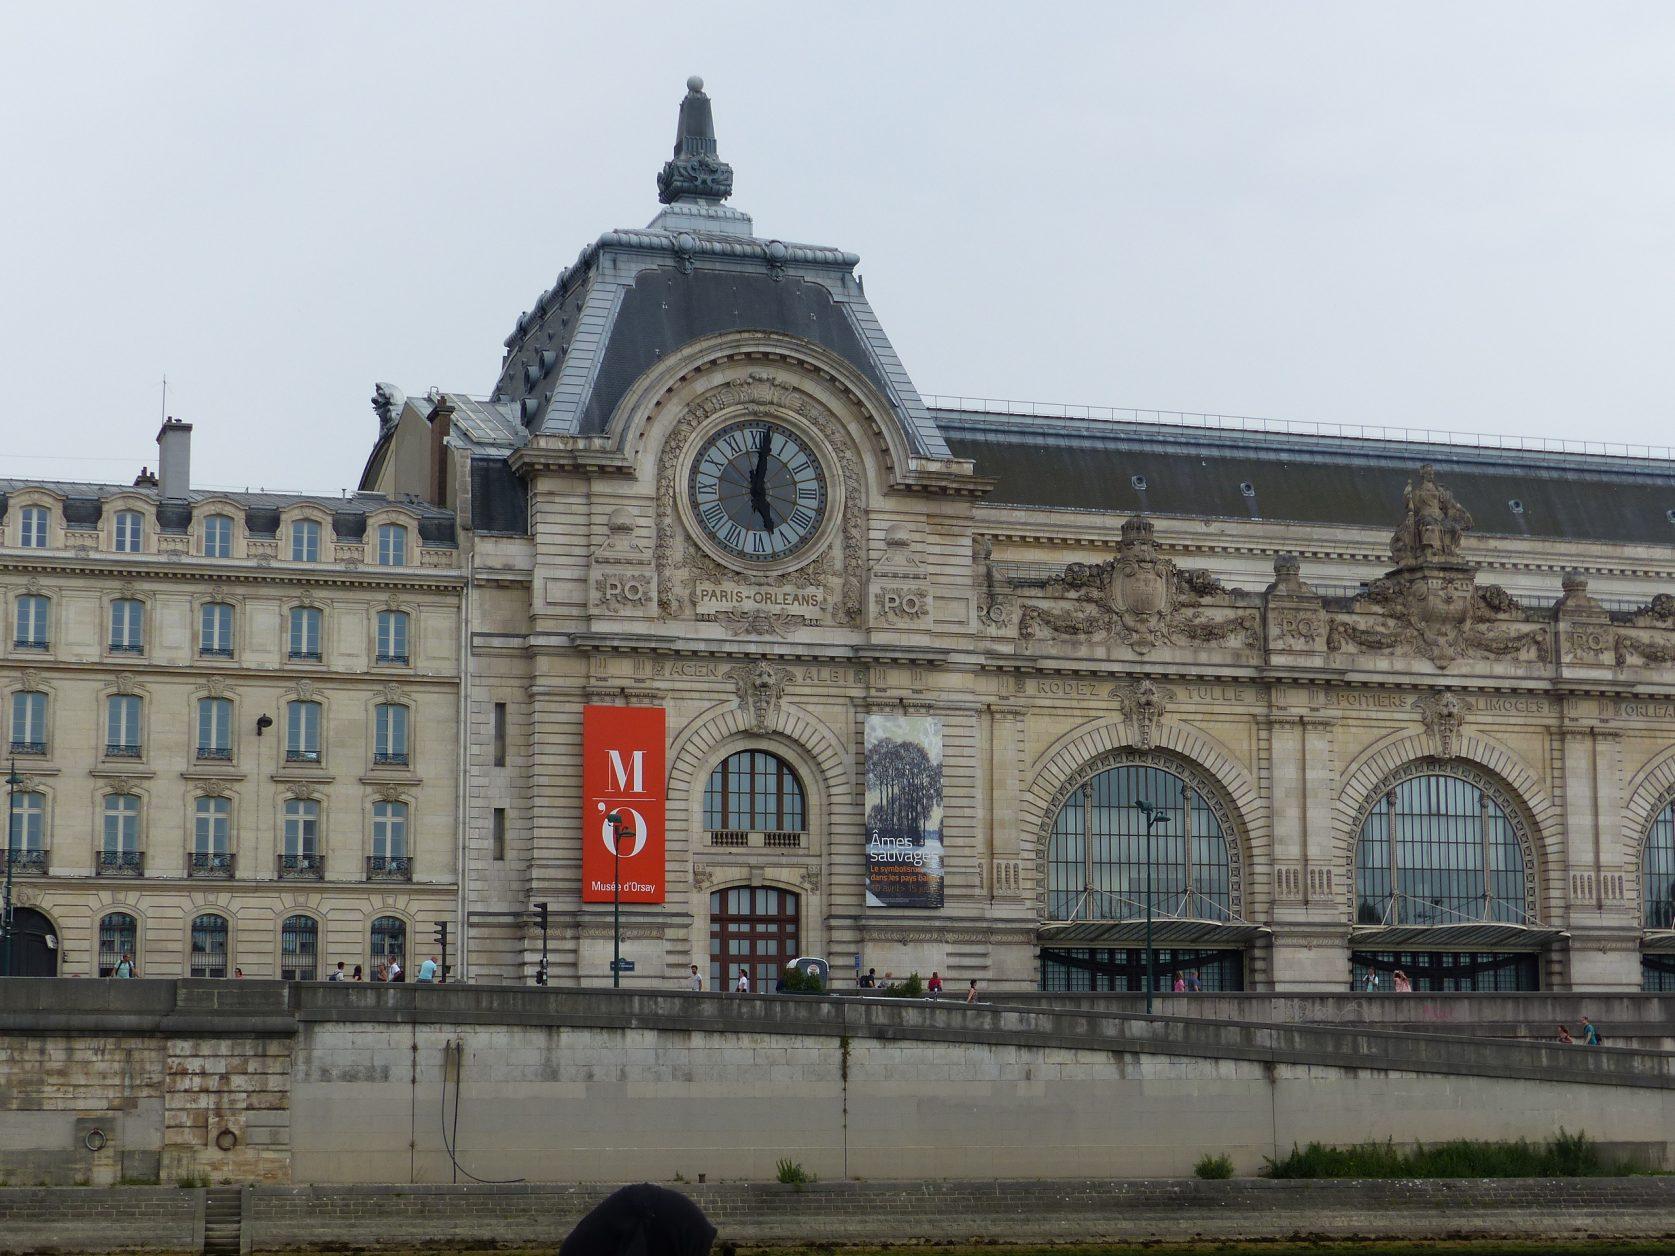 Seit 1986 ist das direkt an der Seine gelegene Musée d'Orsay eine der größten Attraktionen von Paris